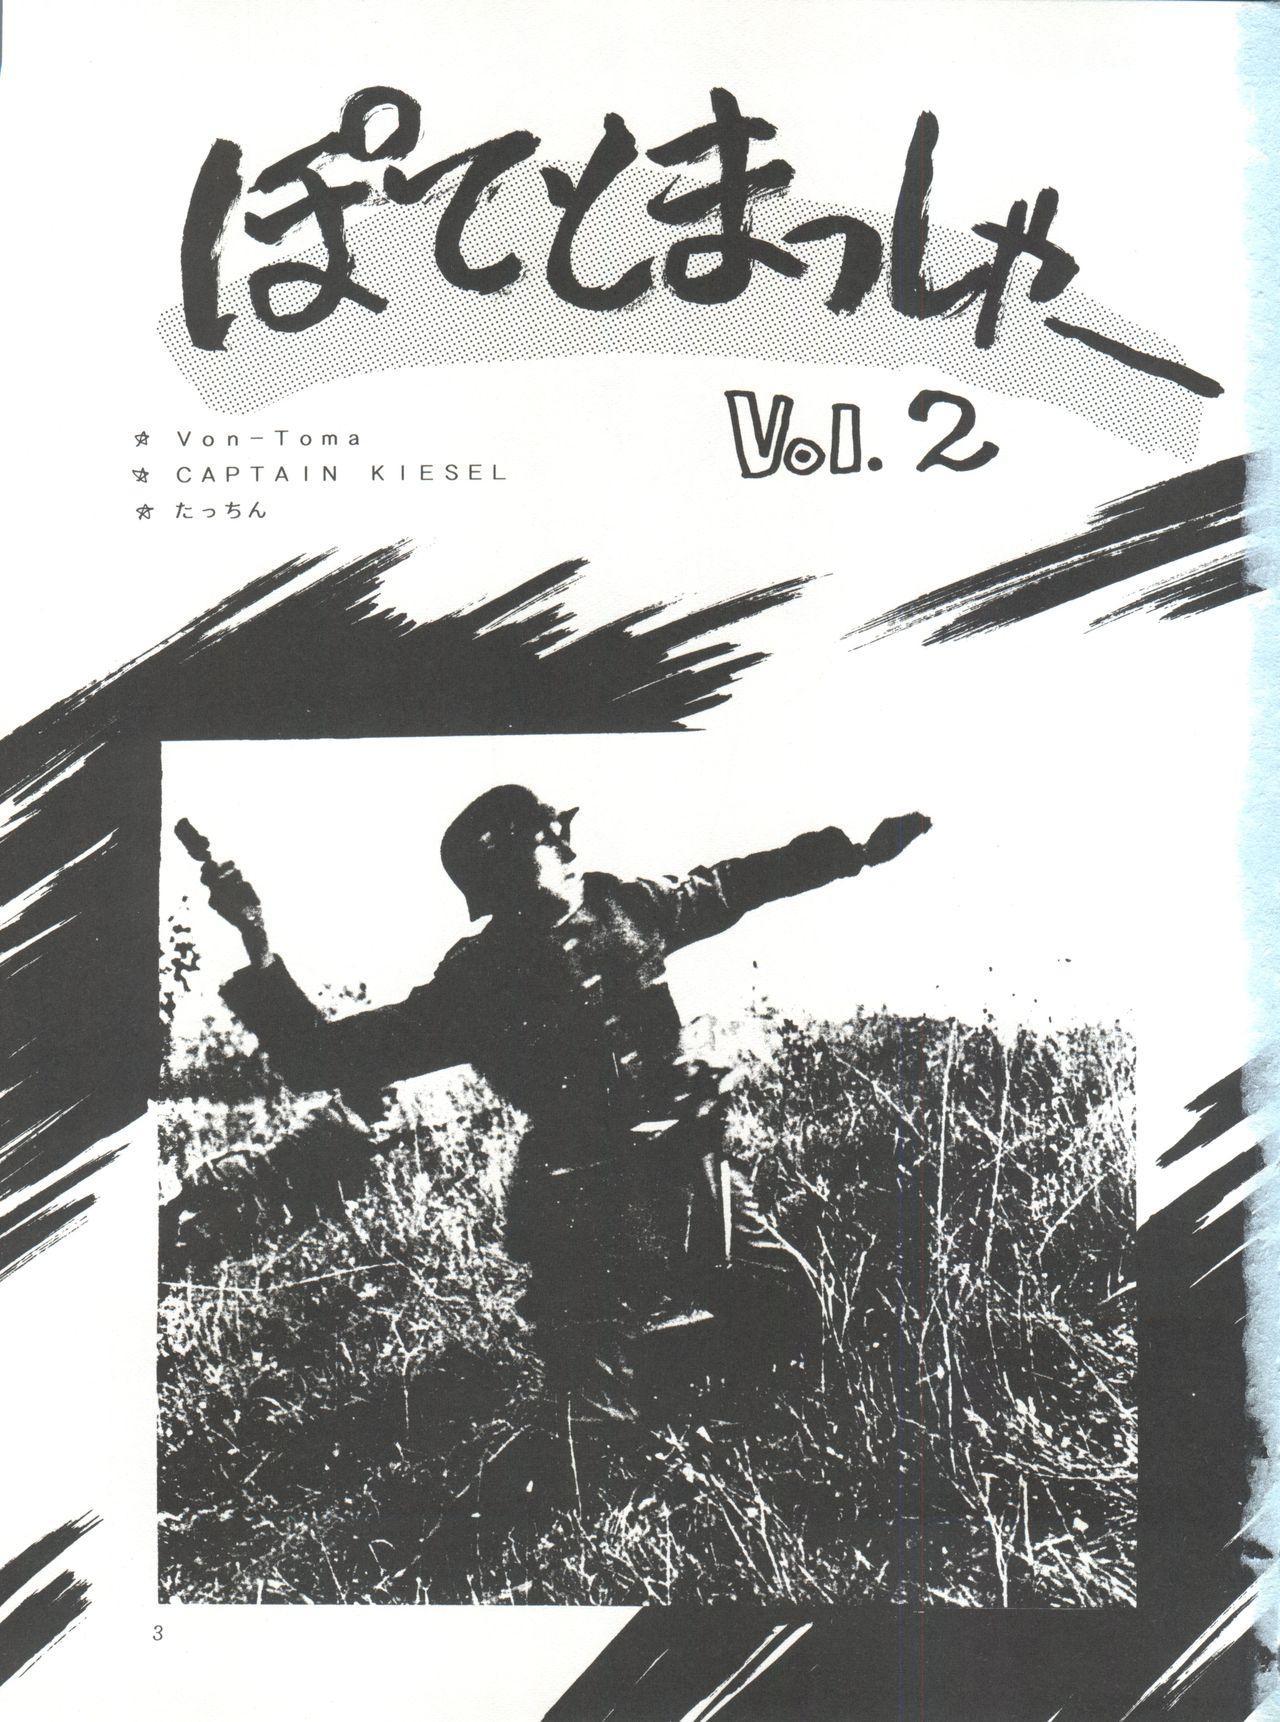 POTATO MASHER Vol. 2 1